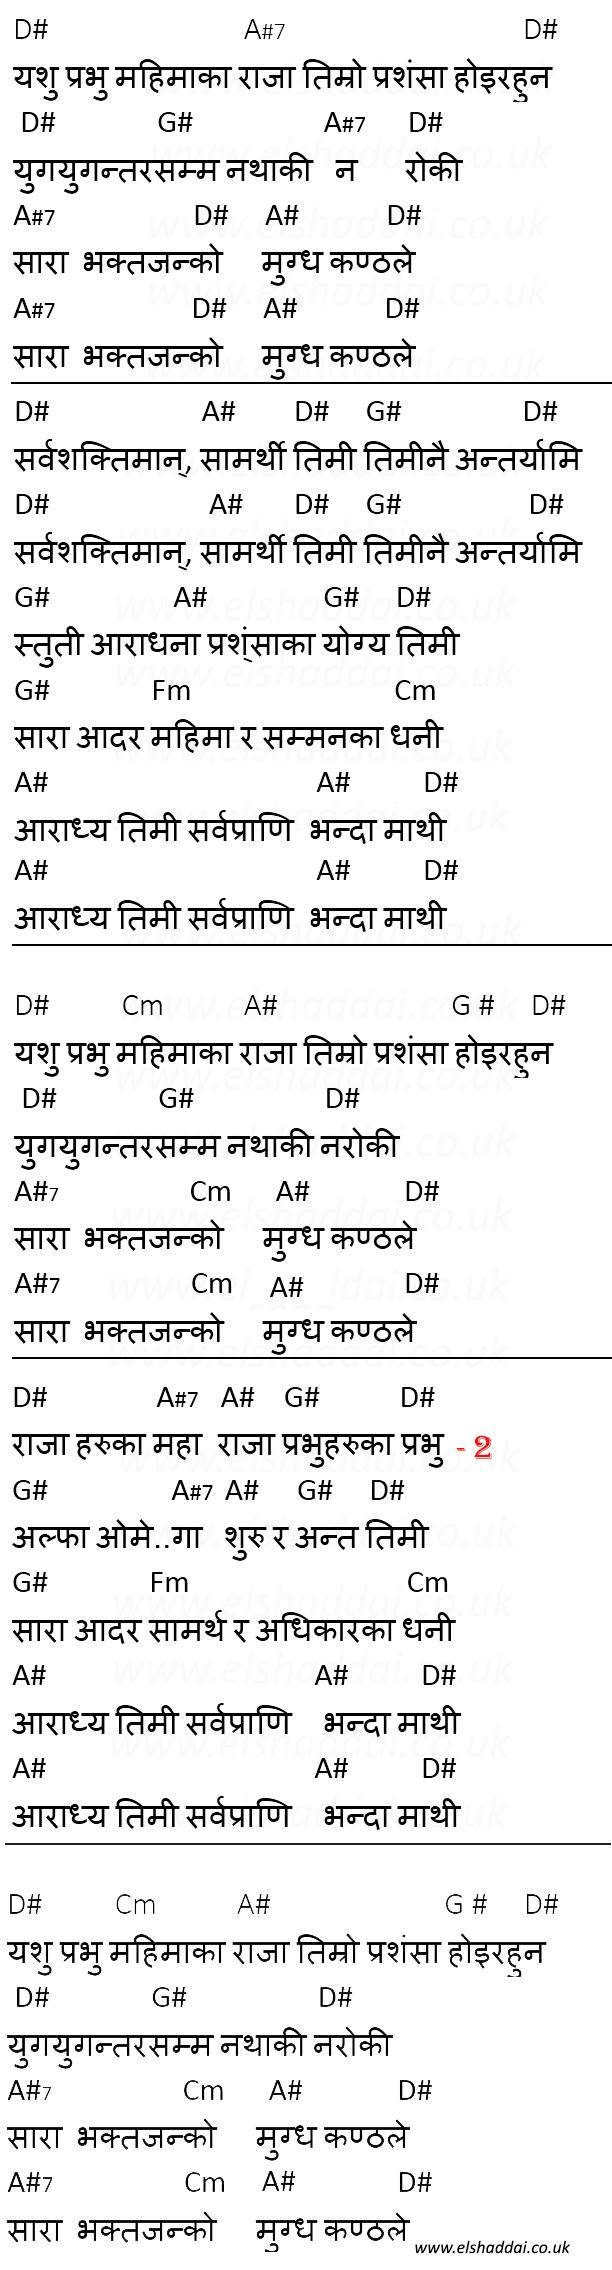 Yeshu Prabhu Mahima Ka Raja Song Chords And Lyrics Elshaddai